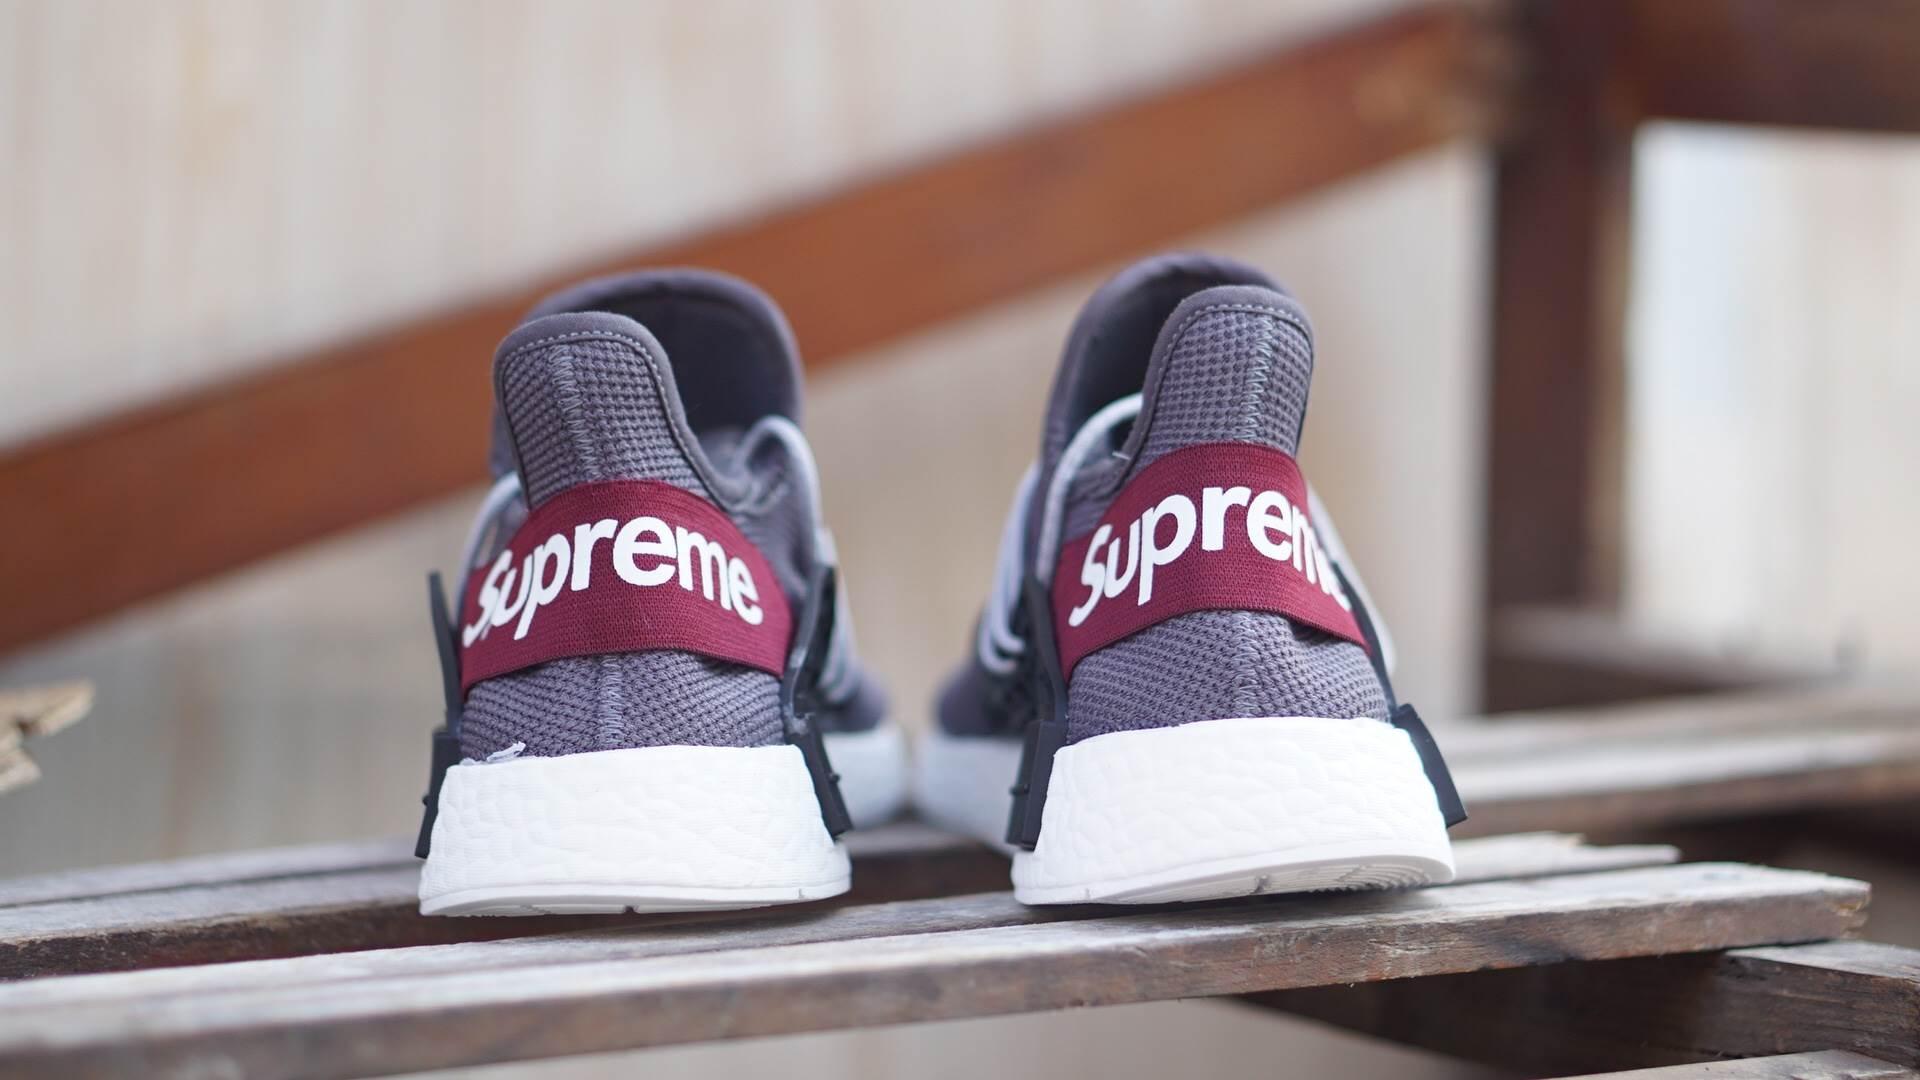 Hrcn Sepatu Sneakers Sport Running Shoes H 5110 Daftar Harga Hurricane The Champion Lari Pria Detail Gambar Human S Limited Edition Terbaru